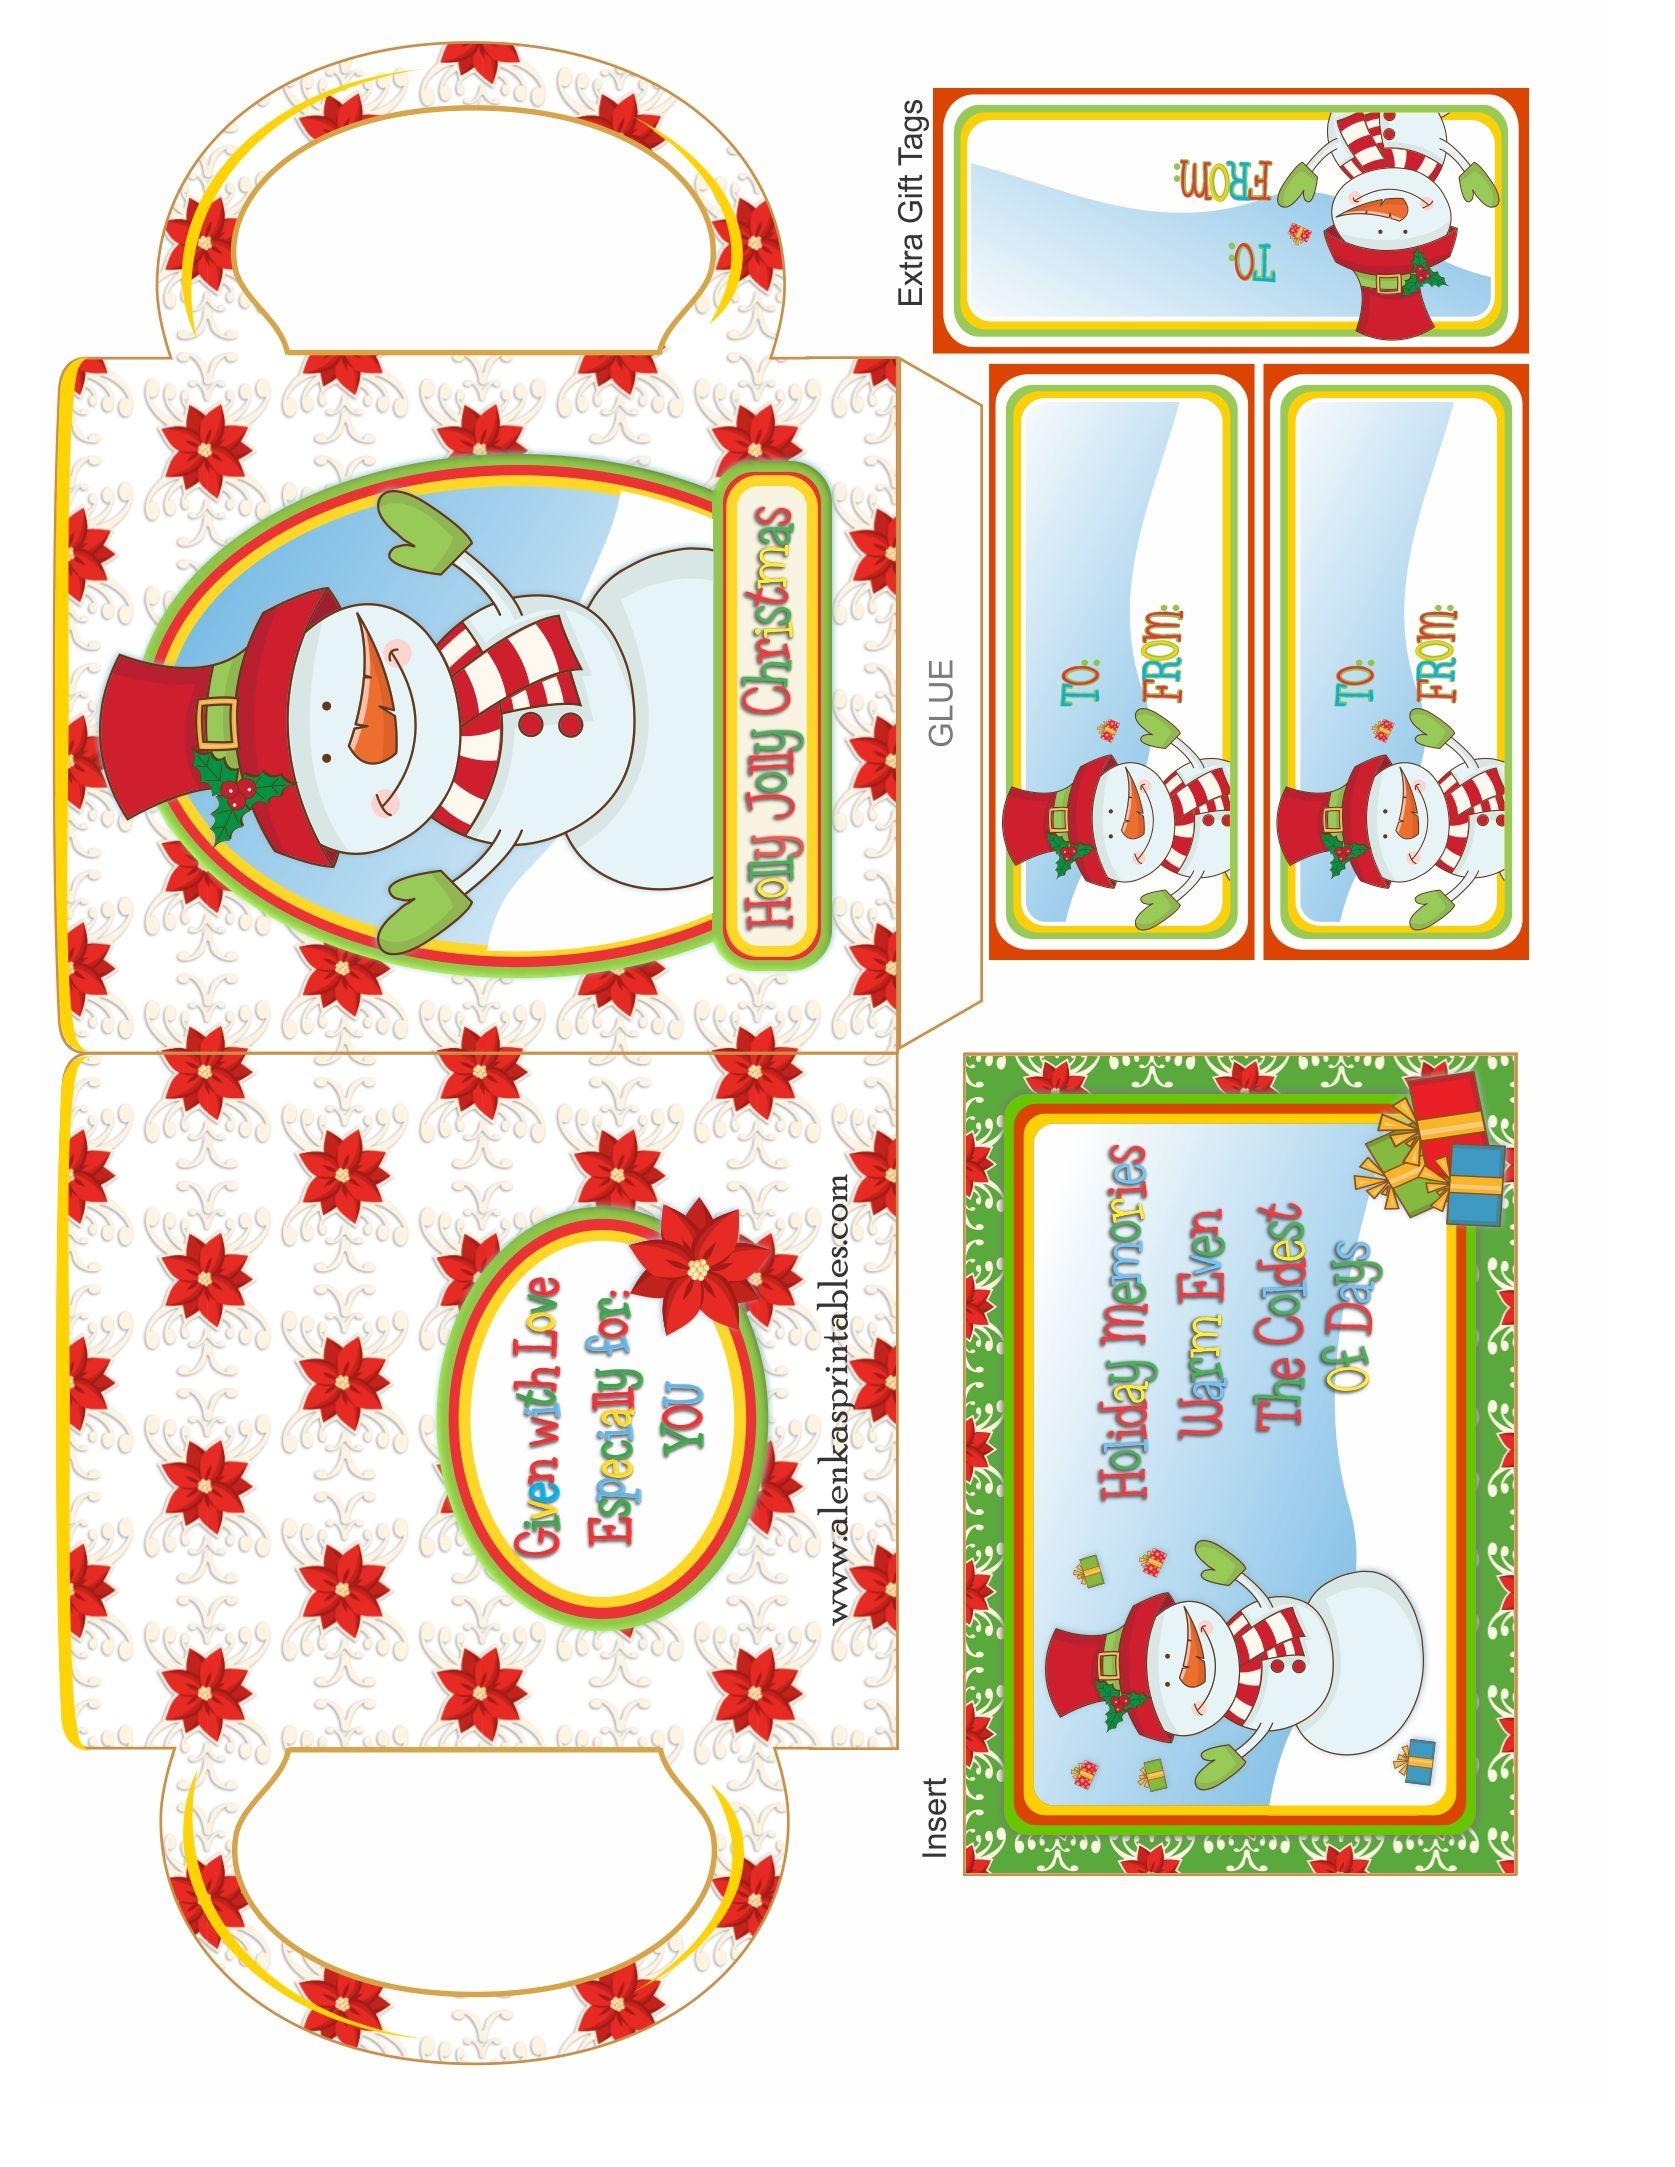 25 Days Of Christmas By Alenka S Printalbes 25 Days Of Christmas Christmas Christmas Printables